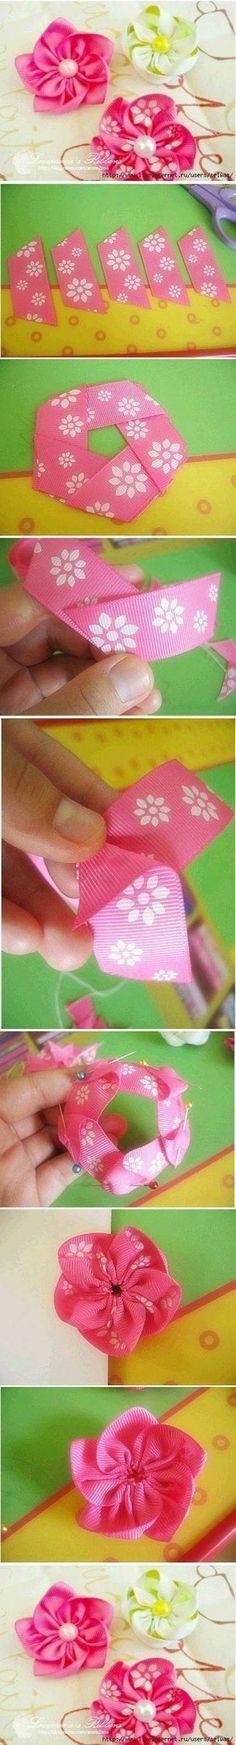 Flores de cinta DIY proyectos de bricolaje